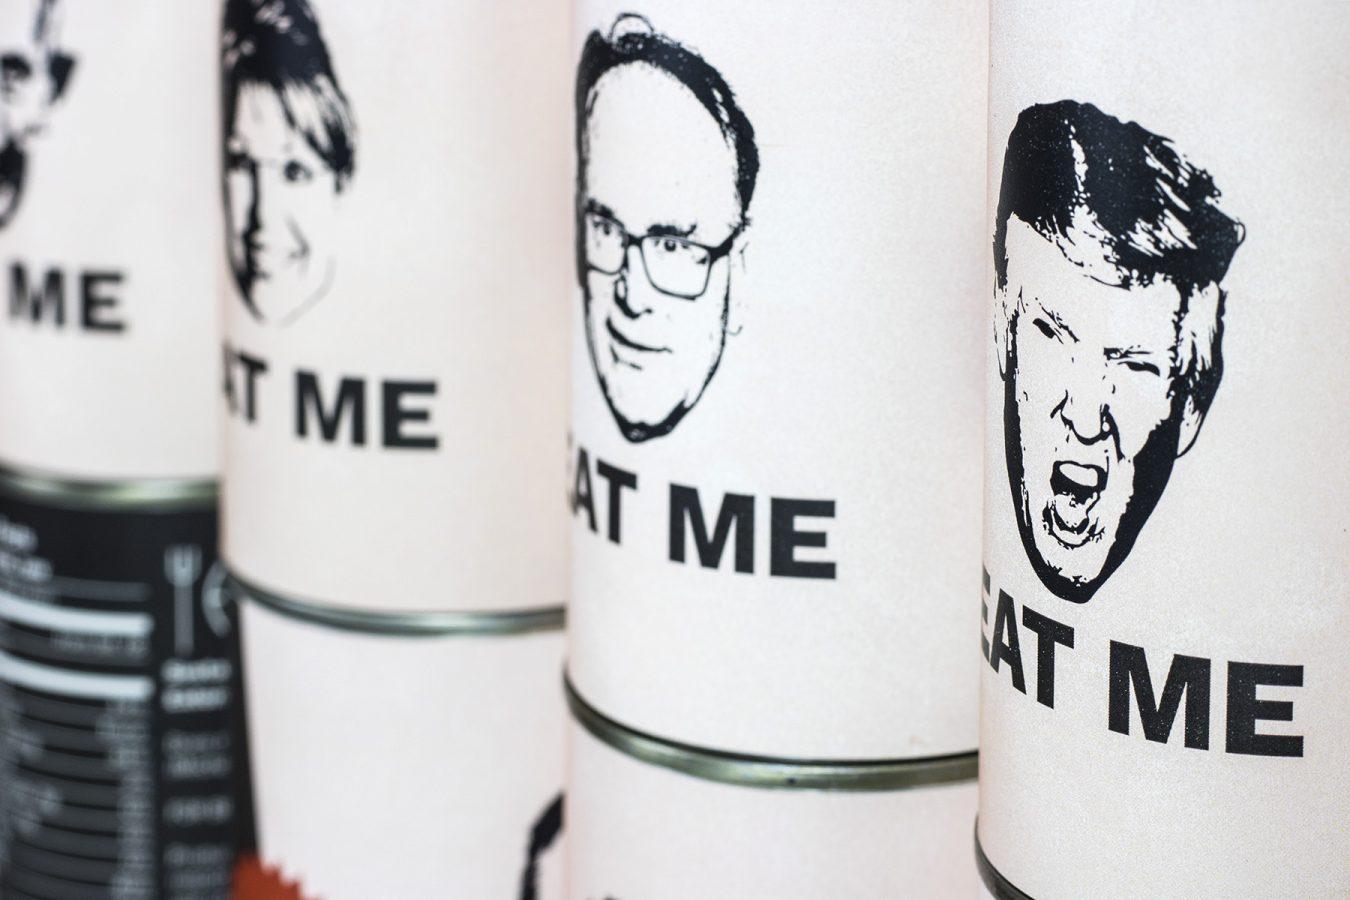 Eat Me Donald Trump, Matt Ridley, & Sarah Palin